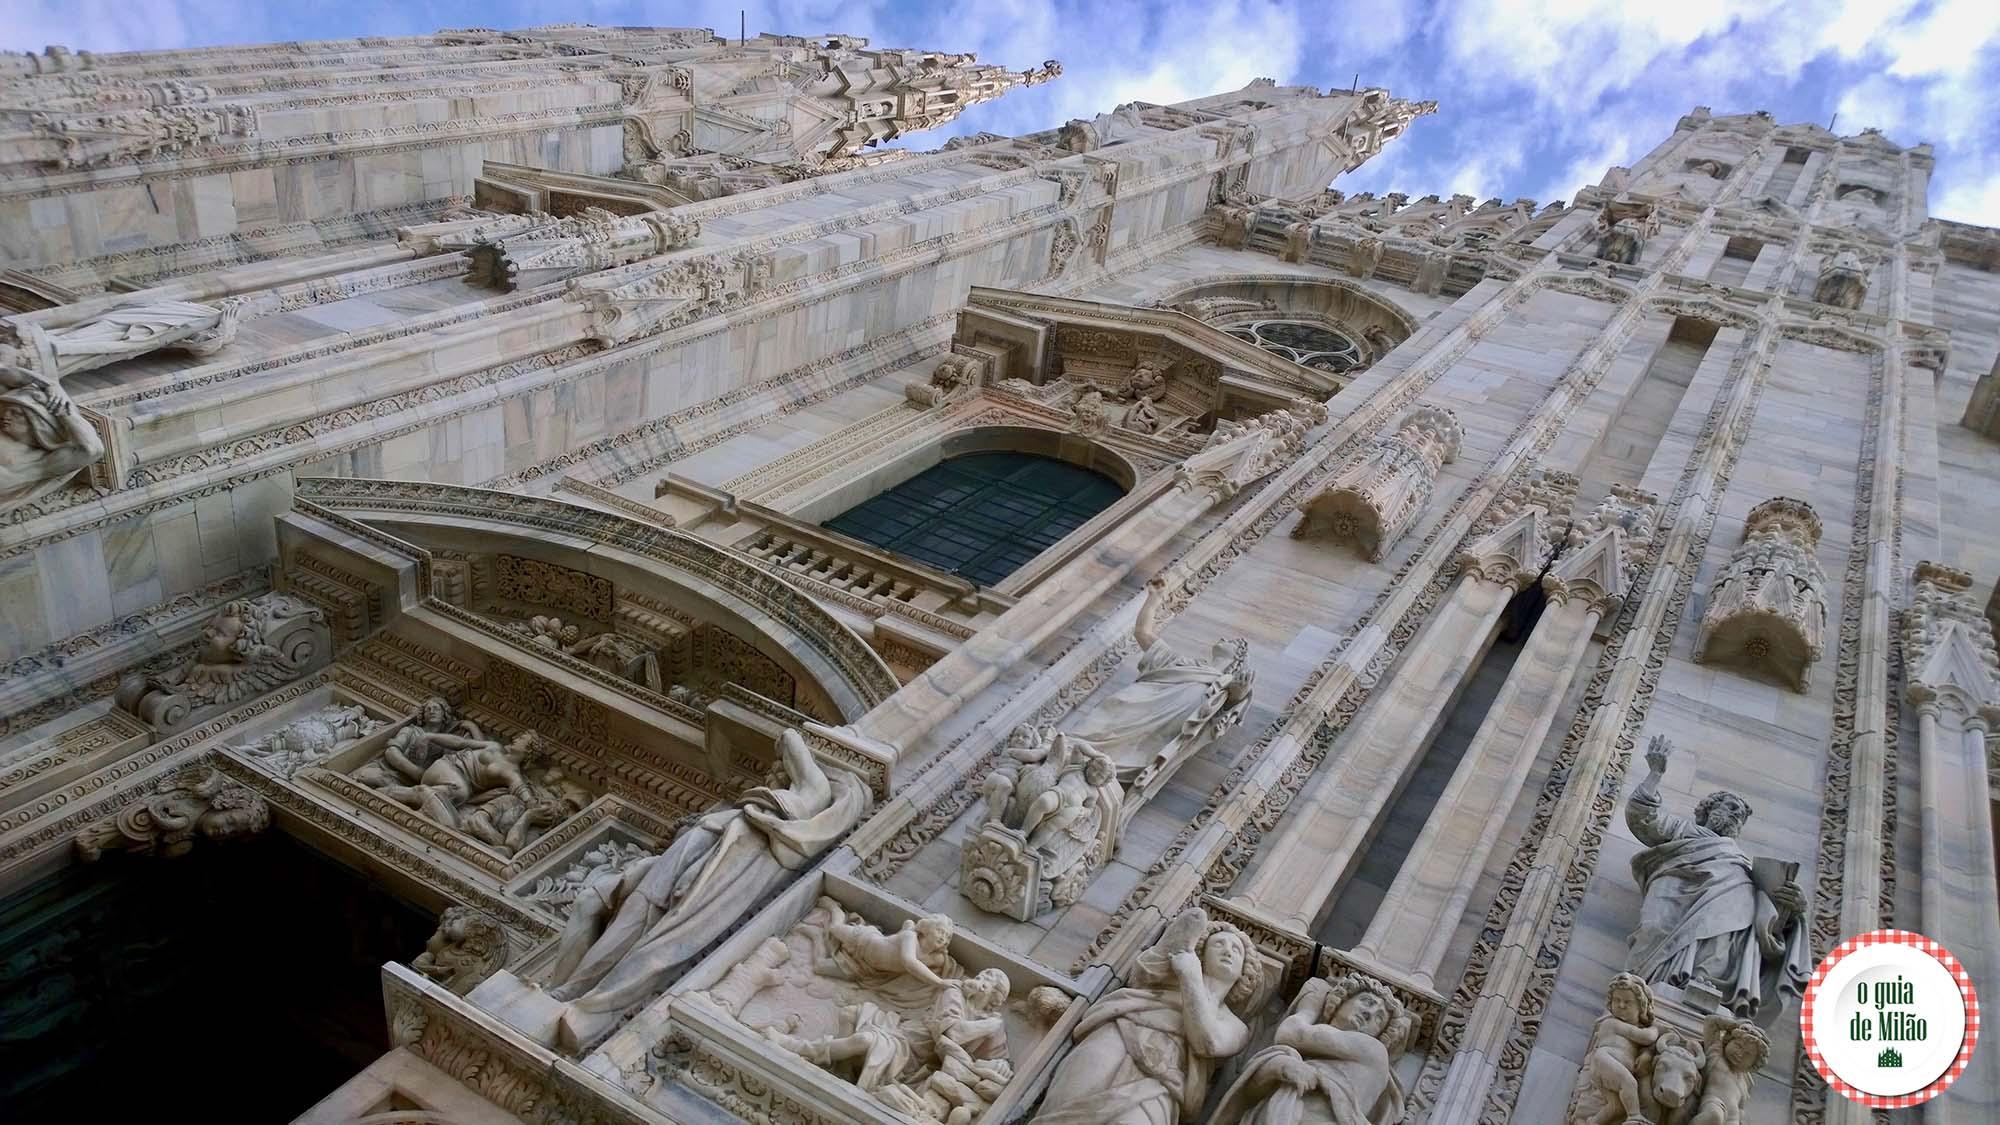 Duomo de Milão: 6 curiosidades